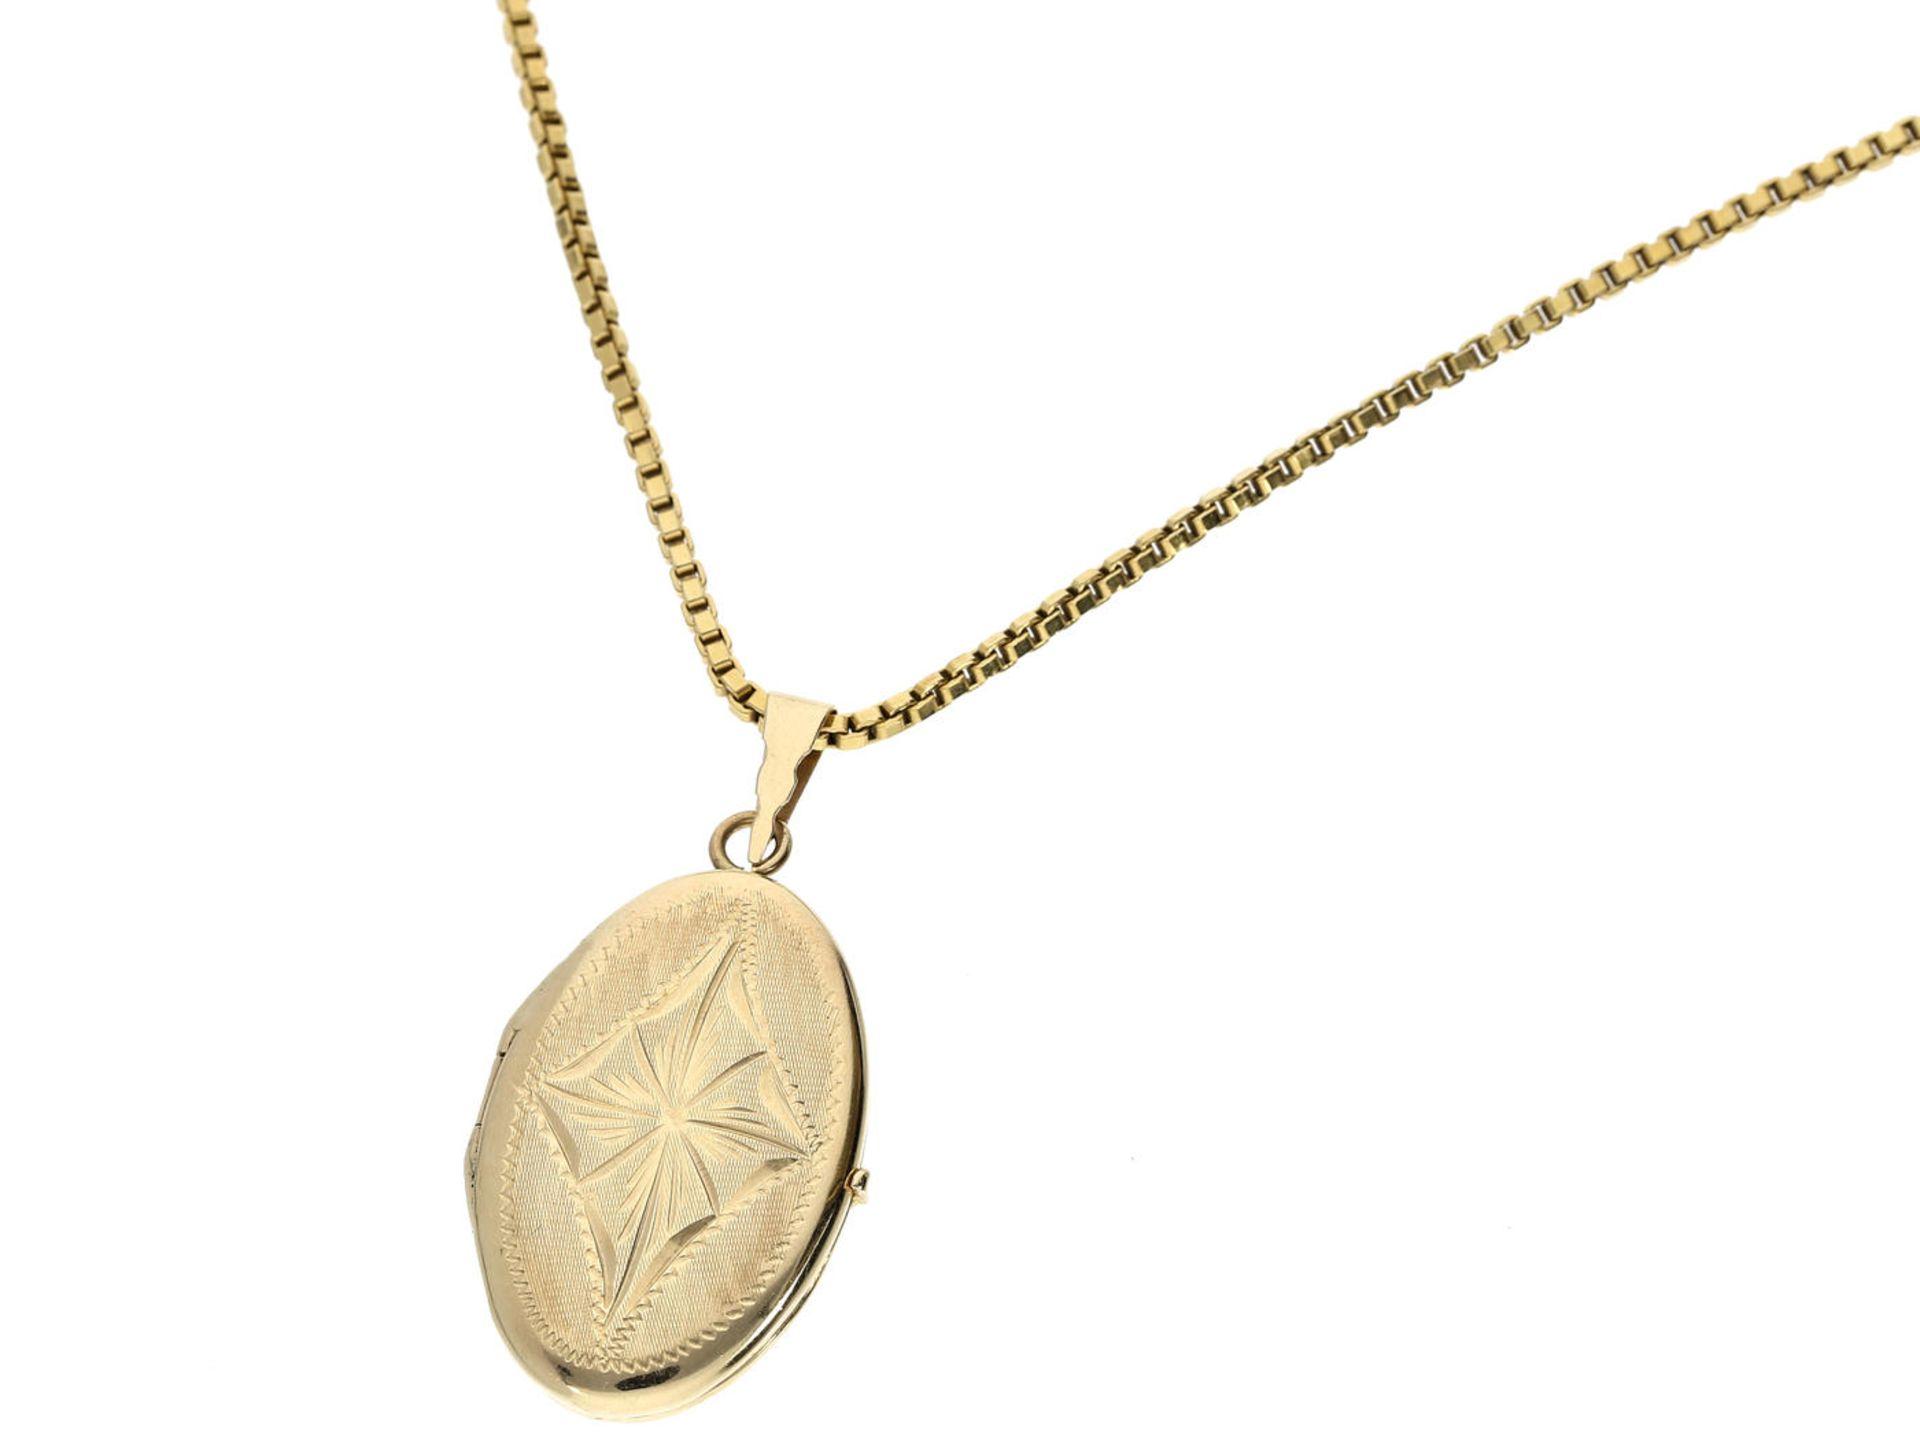 Kette/Anhänger: vintage Medaillon an langer Halskette, 14K Gold Kette ca. 60cm lang, Anhänger ca. - Bild 2 aus 3